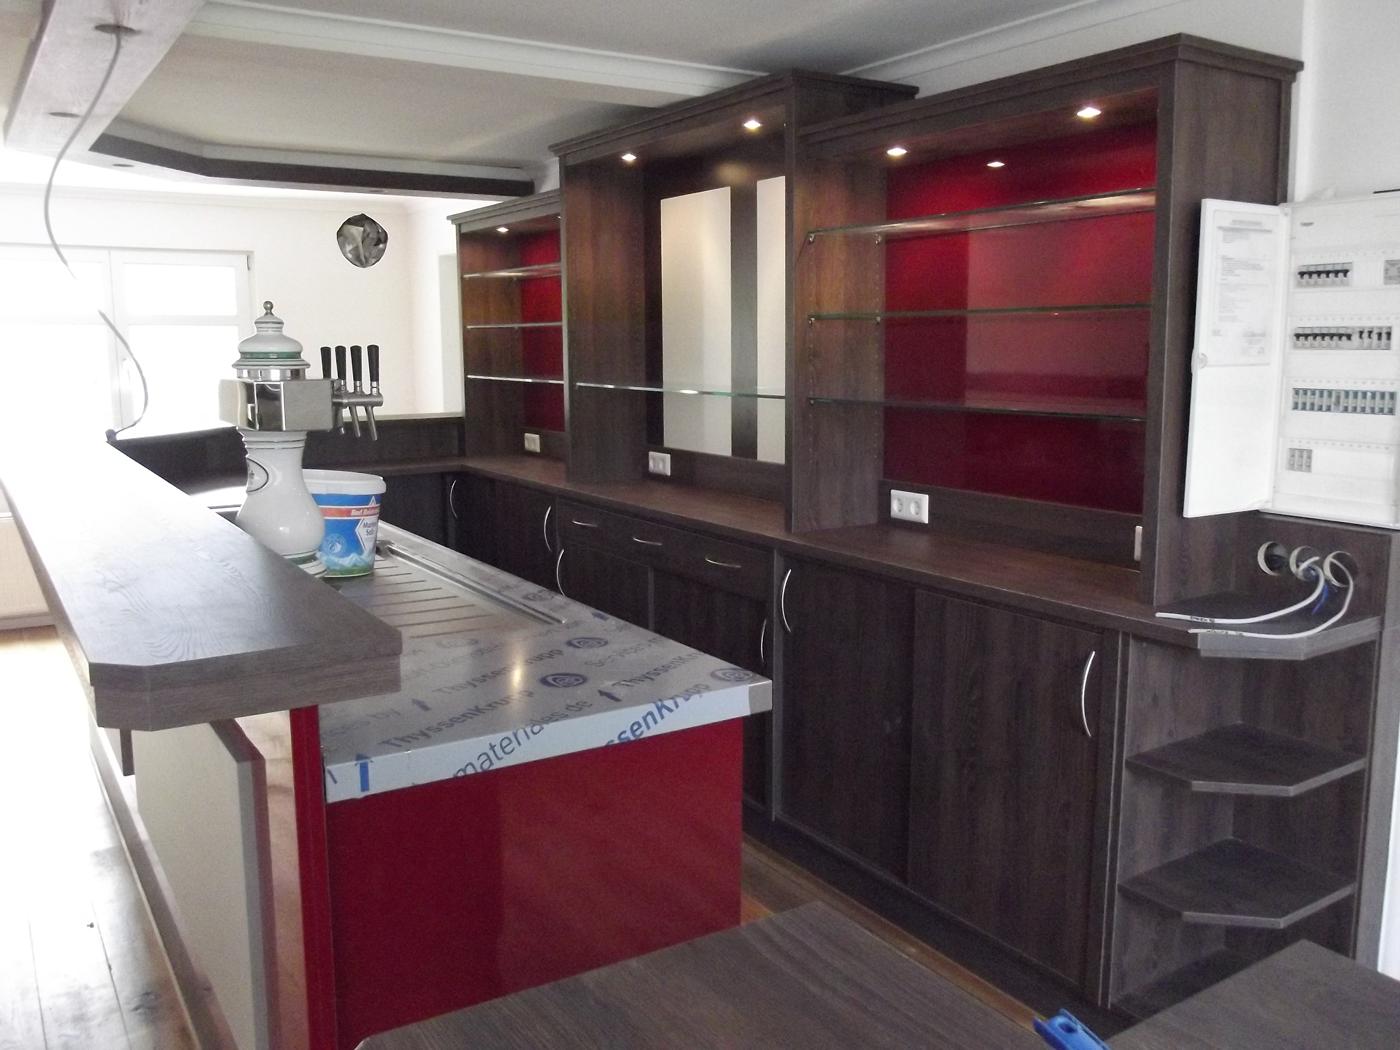 gastronomie schreinerei boller siegen herstellung. Black Bedroom Furniture Sets. Home Design Ideas